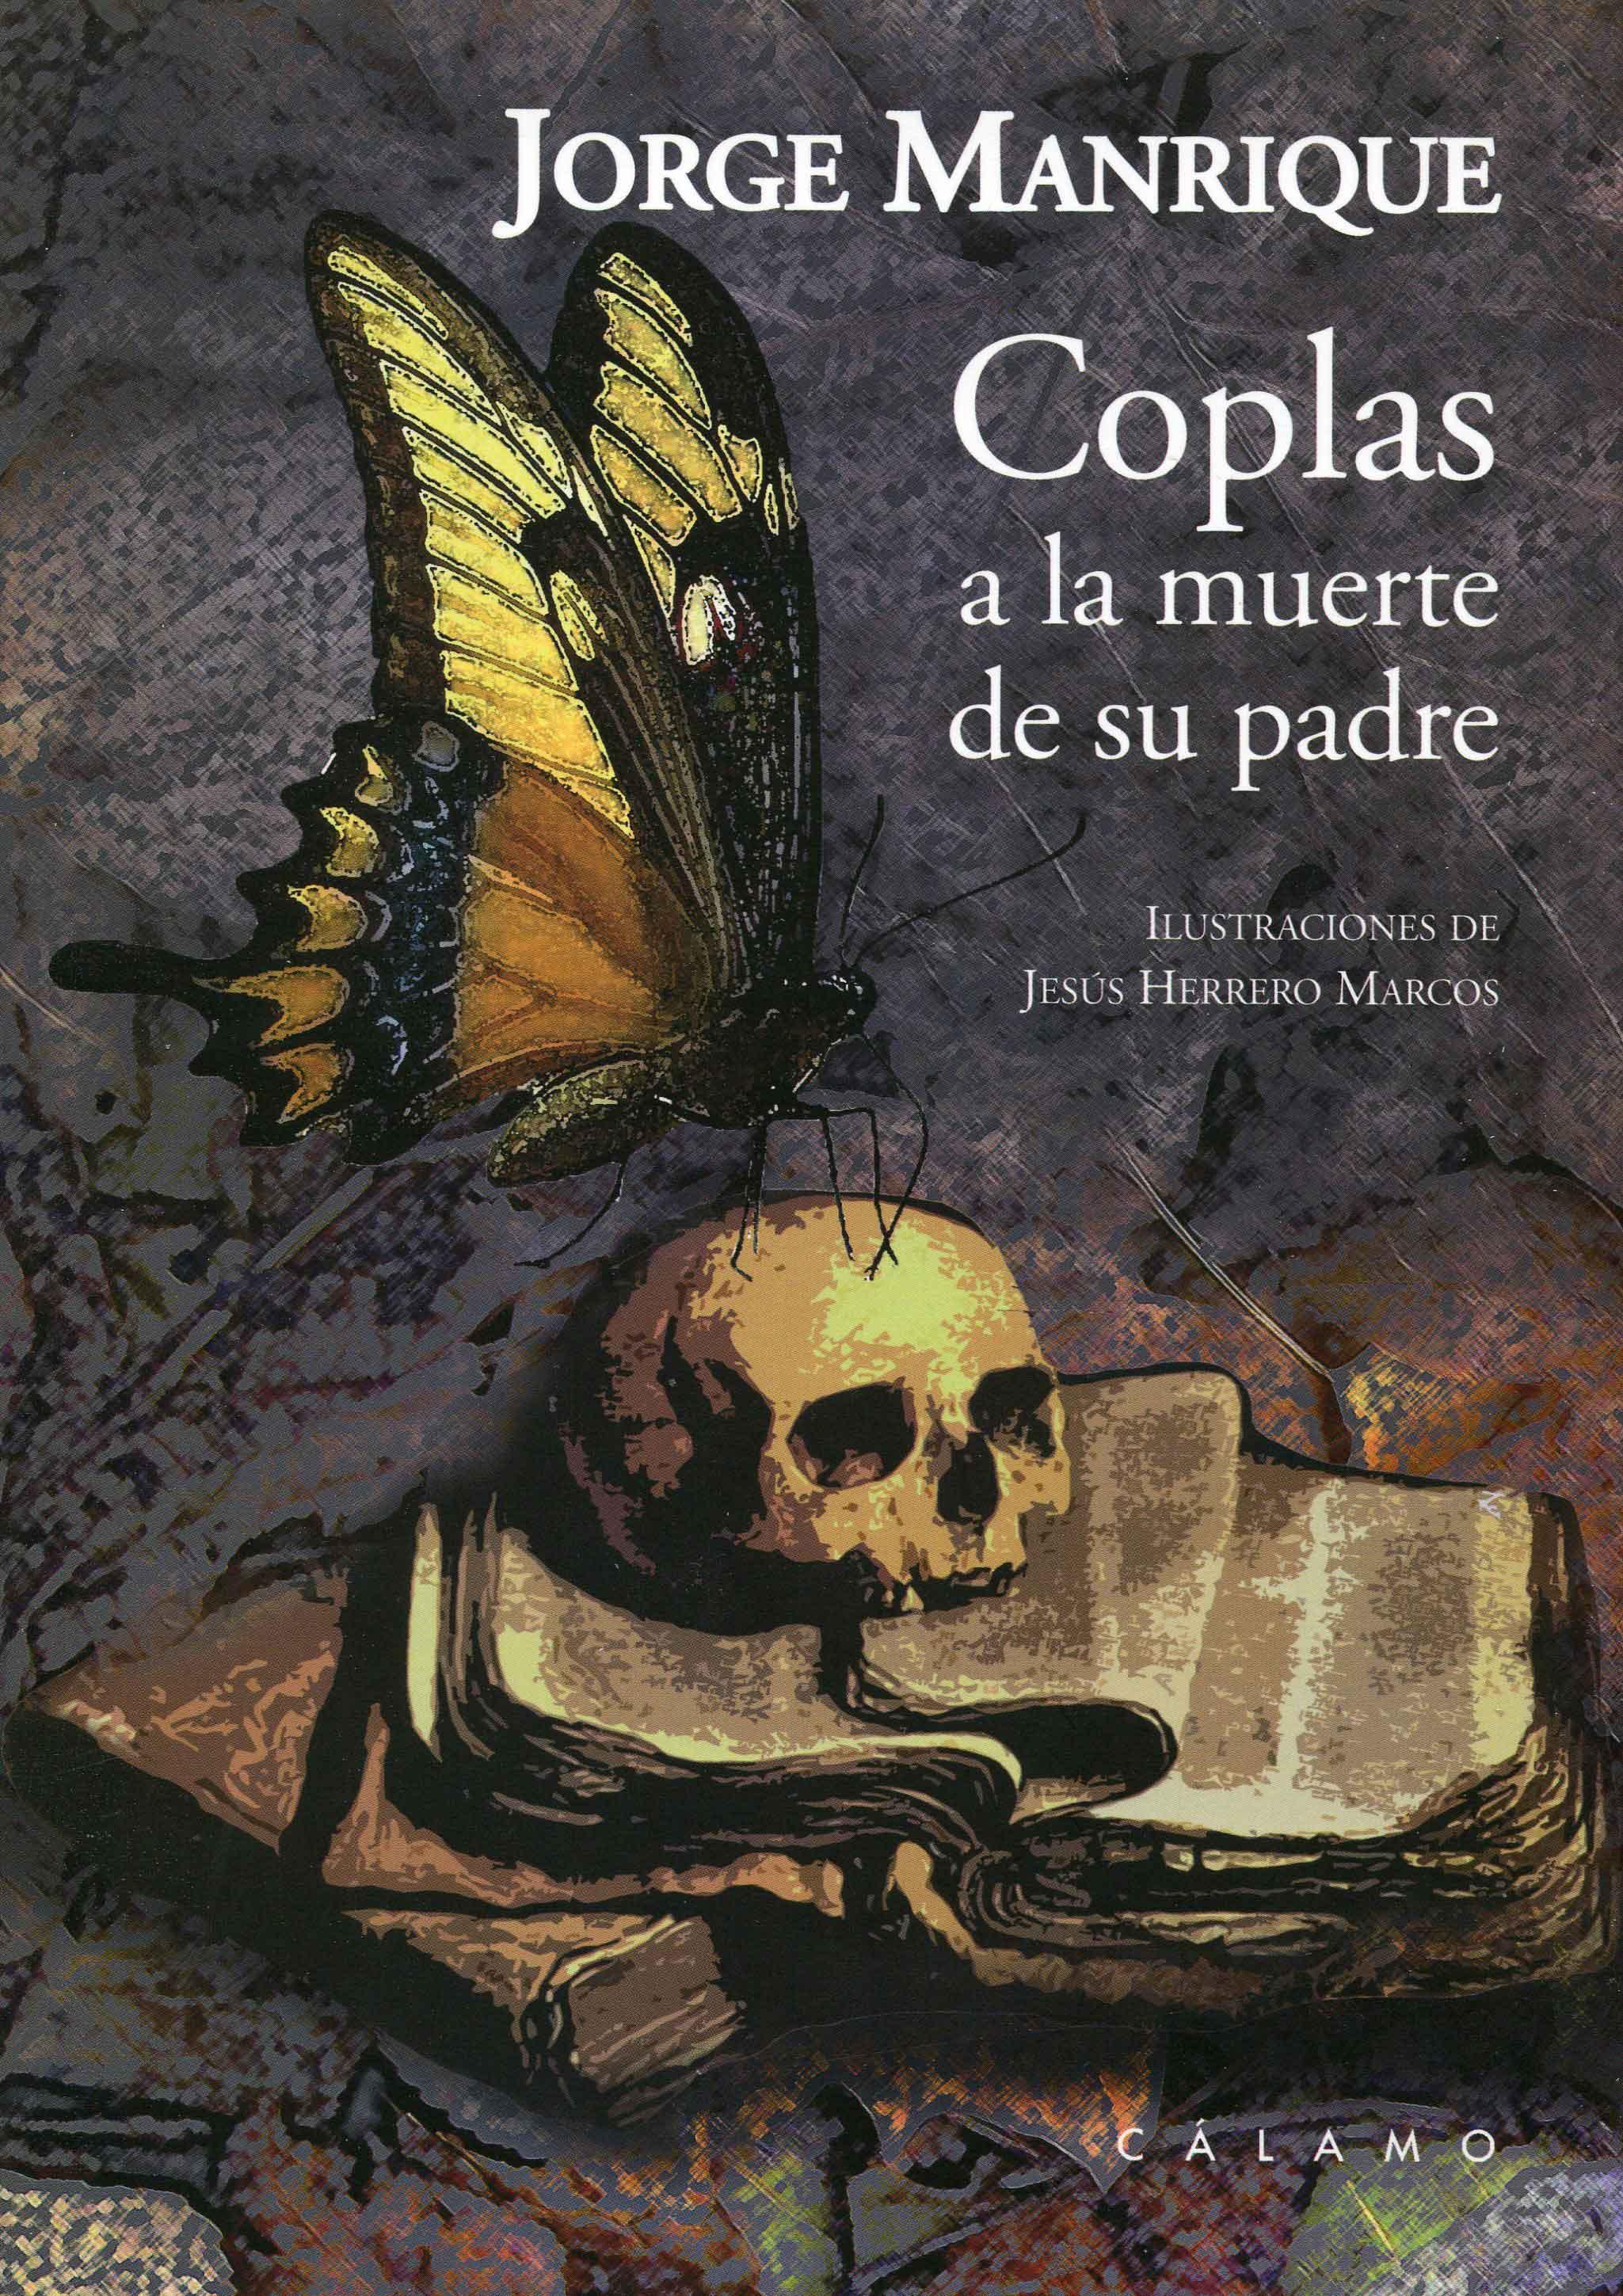 Jorge Manrique, Coplas a la muerte de su padre; ilust., de Jesús Herrero Marcos; Palencia, Ediciones, Cálamo, 2014; Col. Ilustrados.